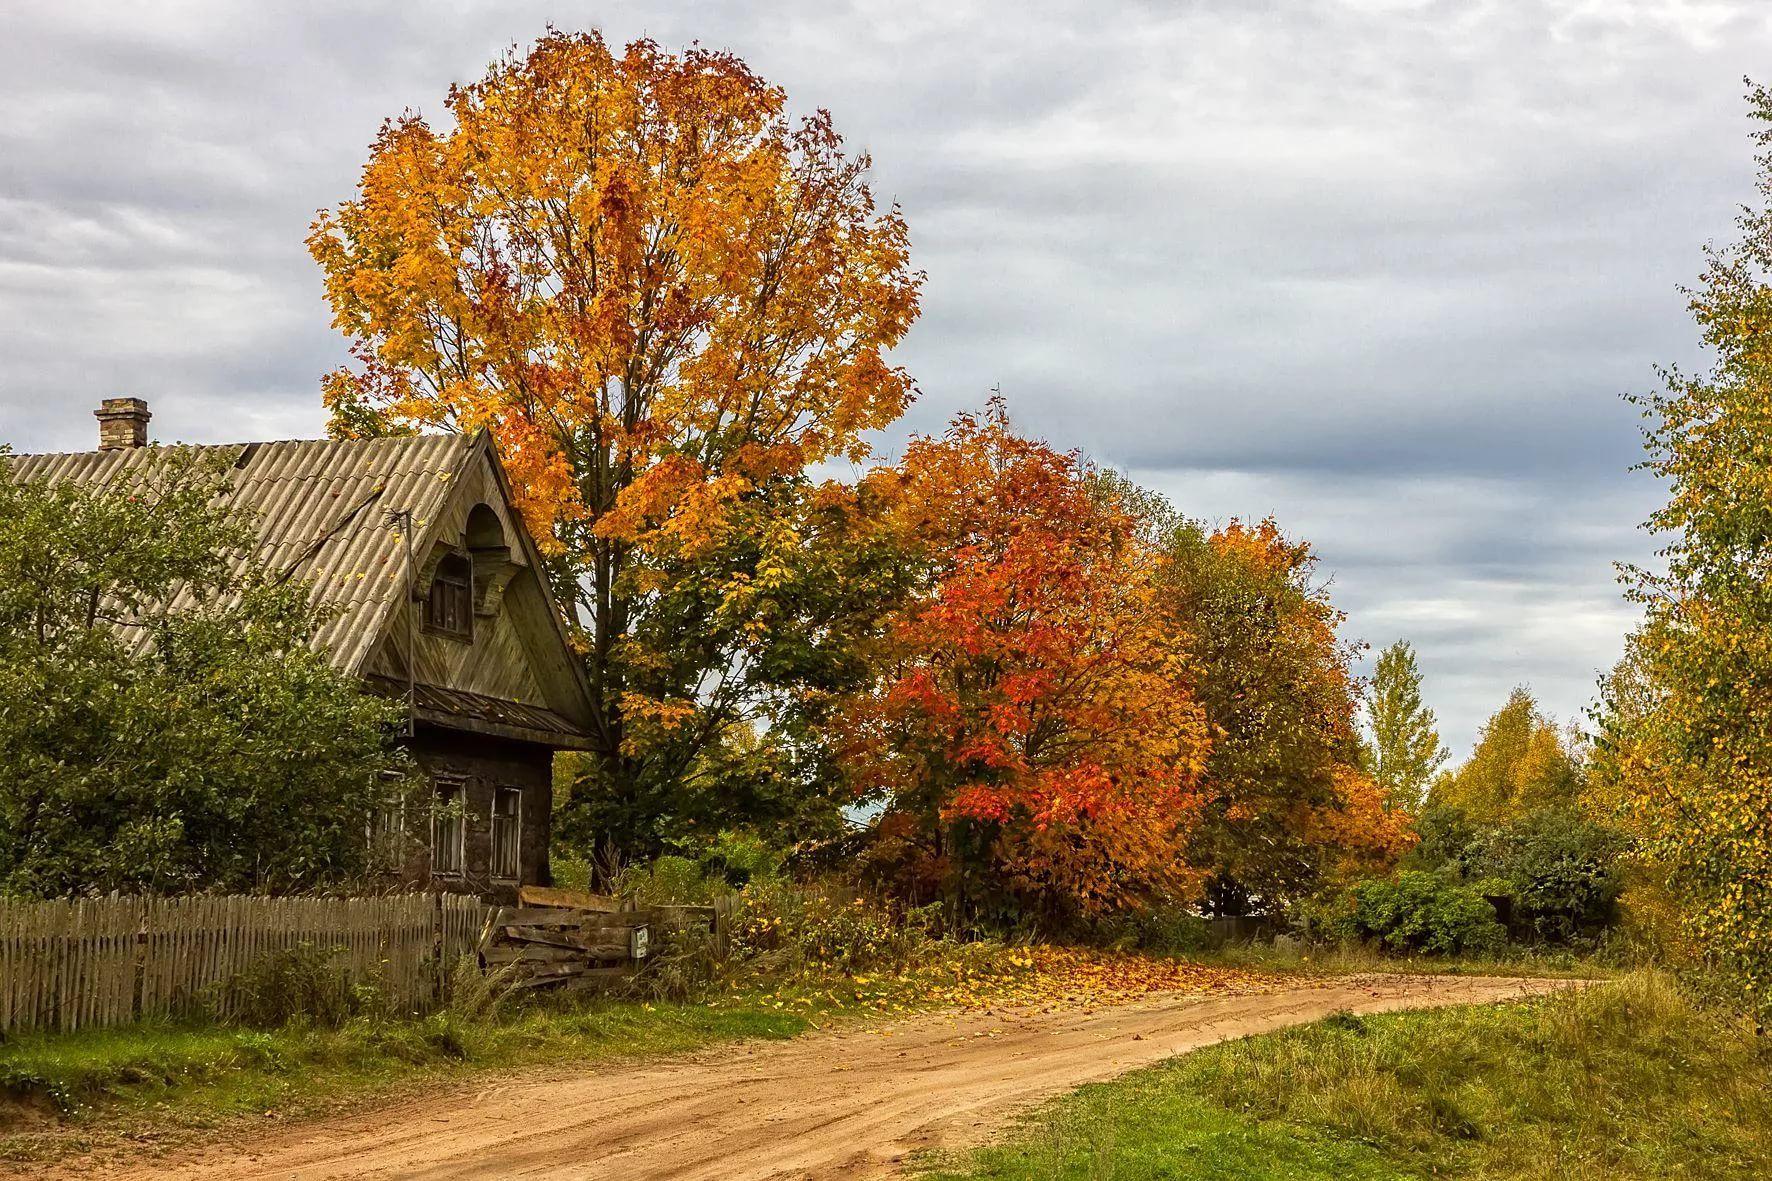 парфюм фотографии деревенской осени такой старомодный складной